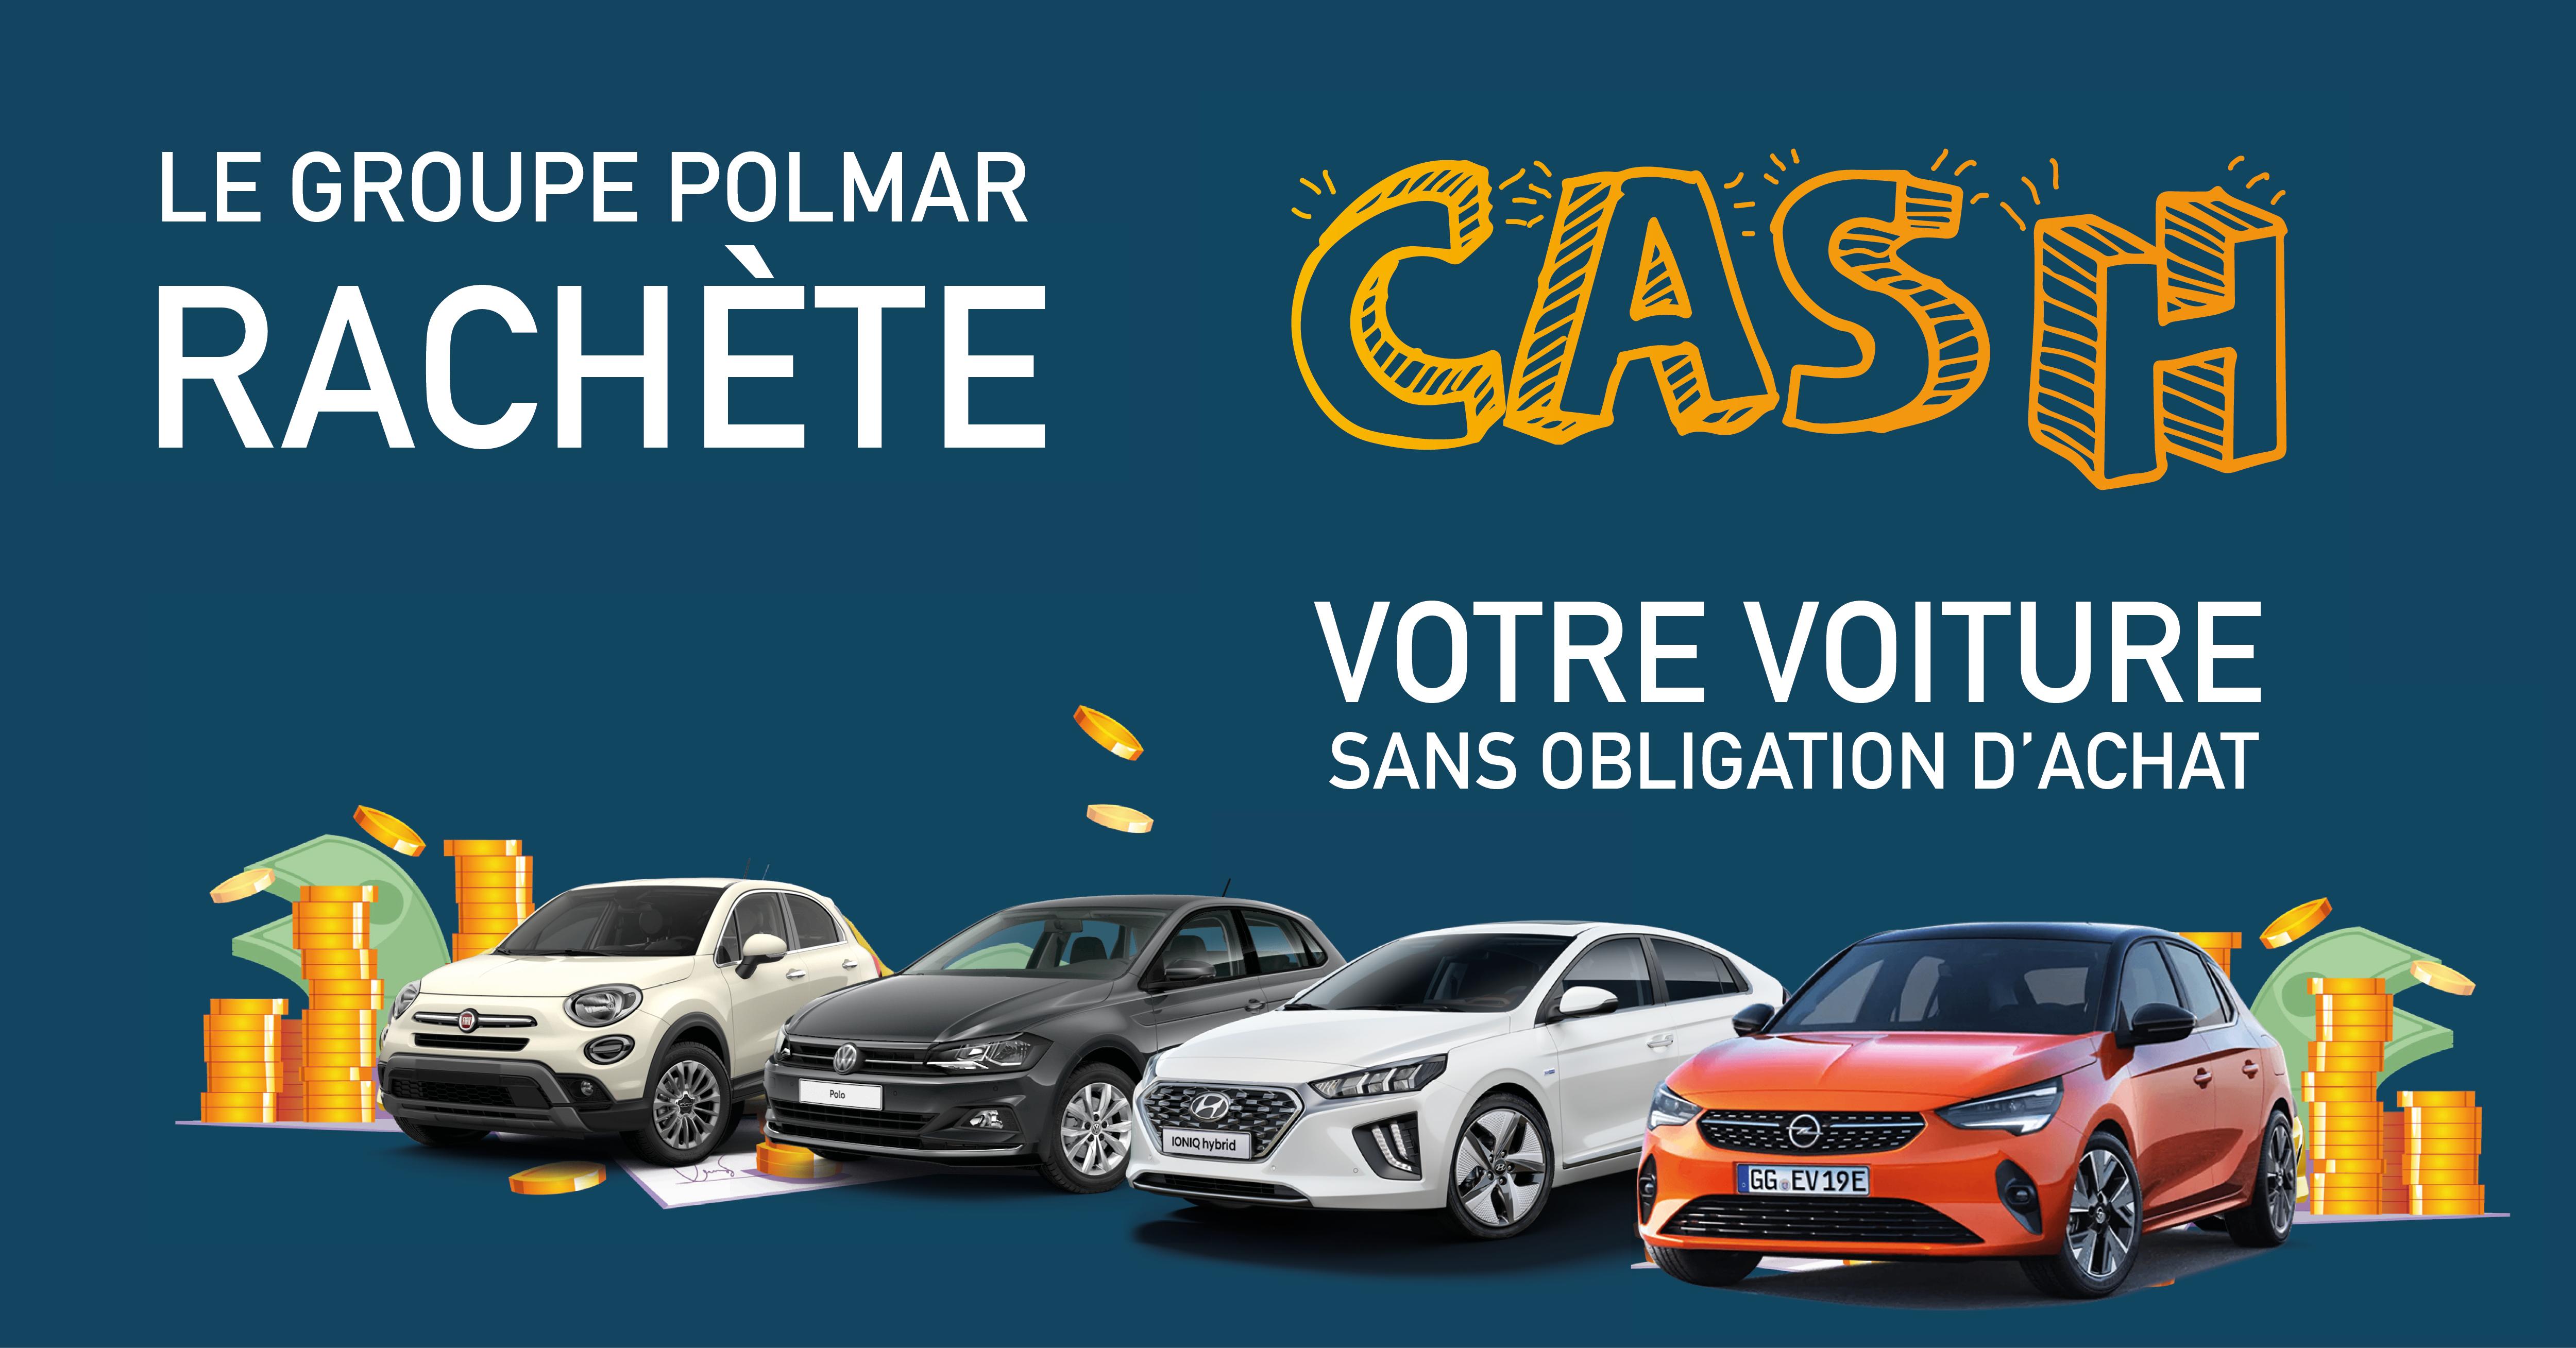 Le Groupe Polmar rachète votre véhicule d'occasion cash sans obligation d'achat